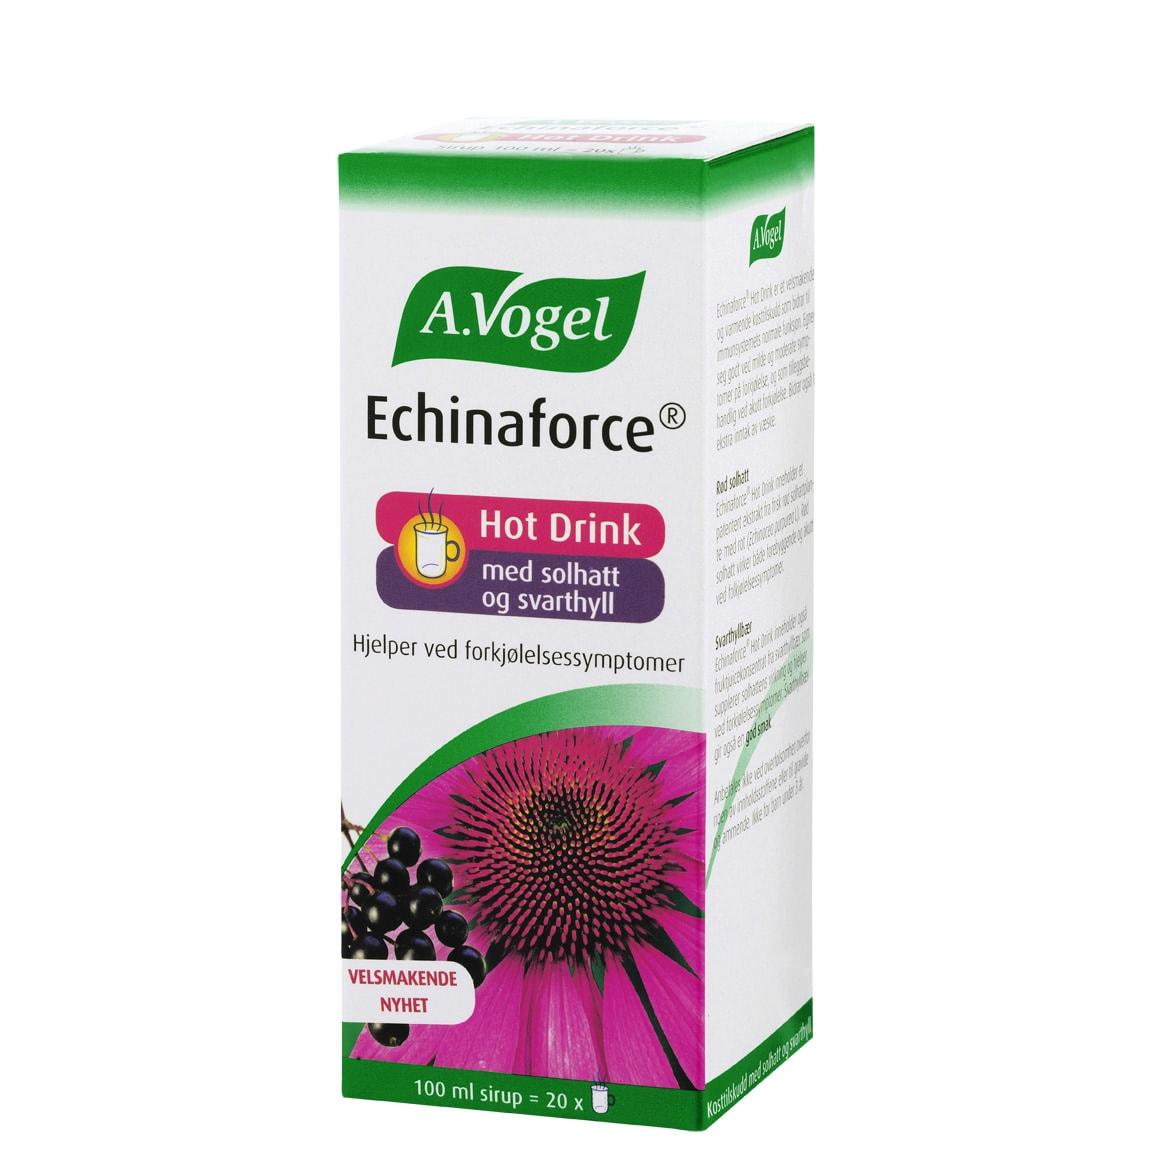 A-Vogel_Echinaforce_100ml_sjaktel_front.jpg